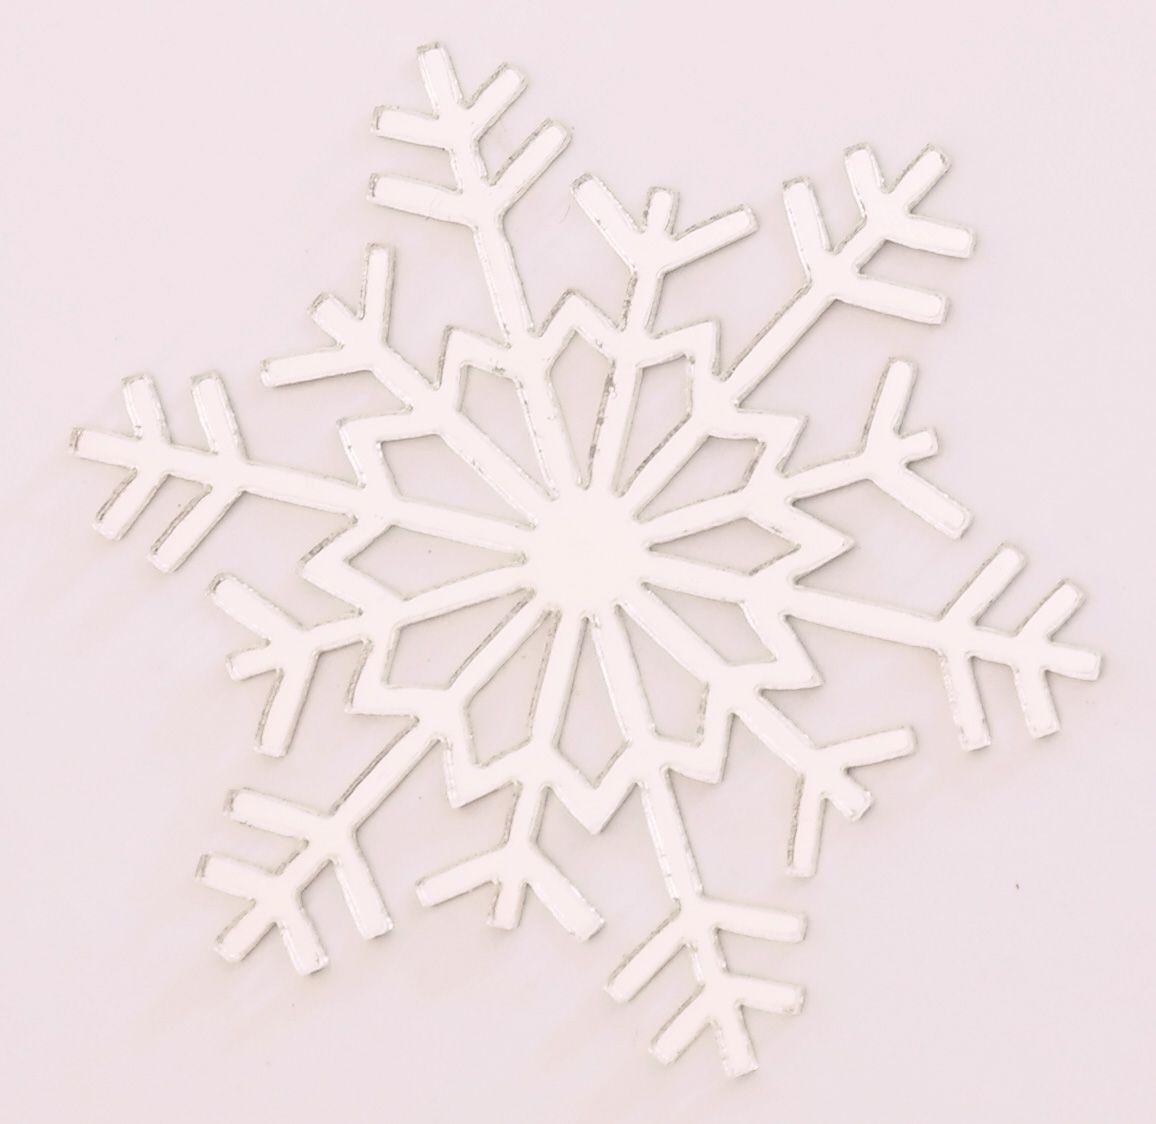 Aplique em acrílico espelhado - Floco de Neve 03 - 5cm - 10 peças